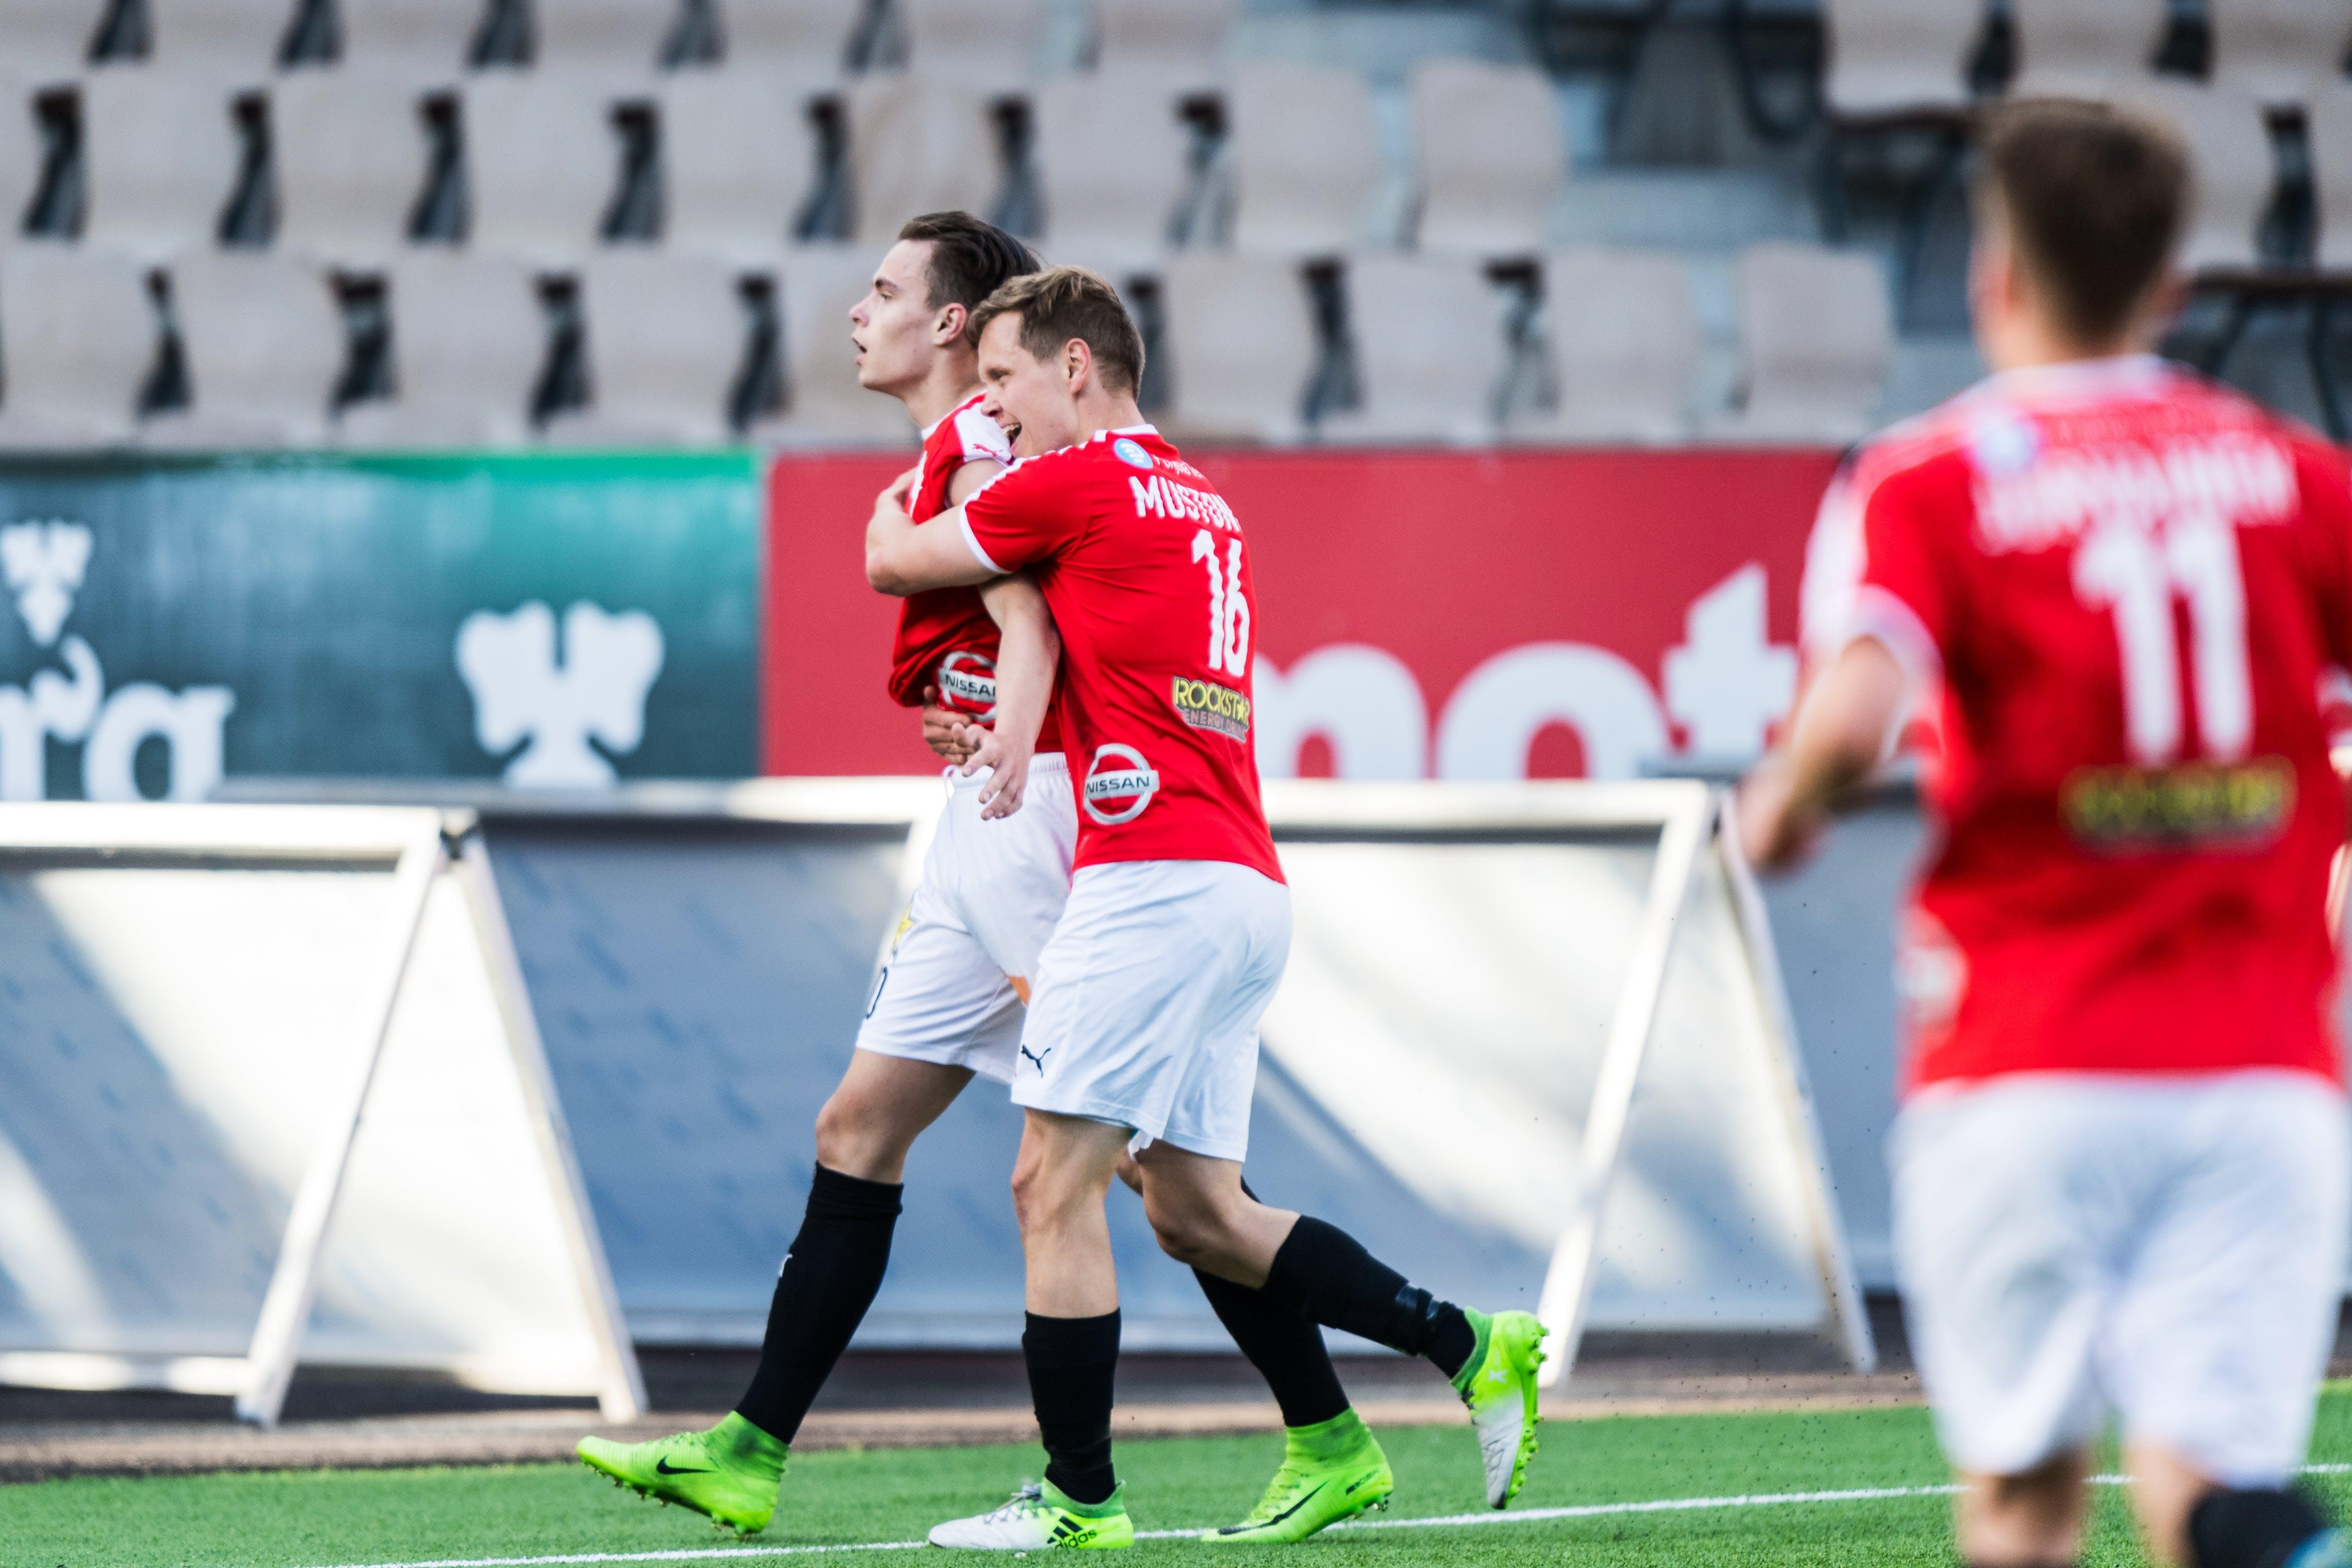 Otteluraportti: HIFK – KPV 2-0 (0-0)